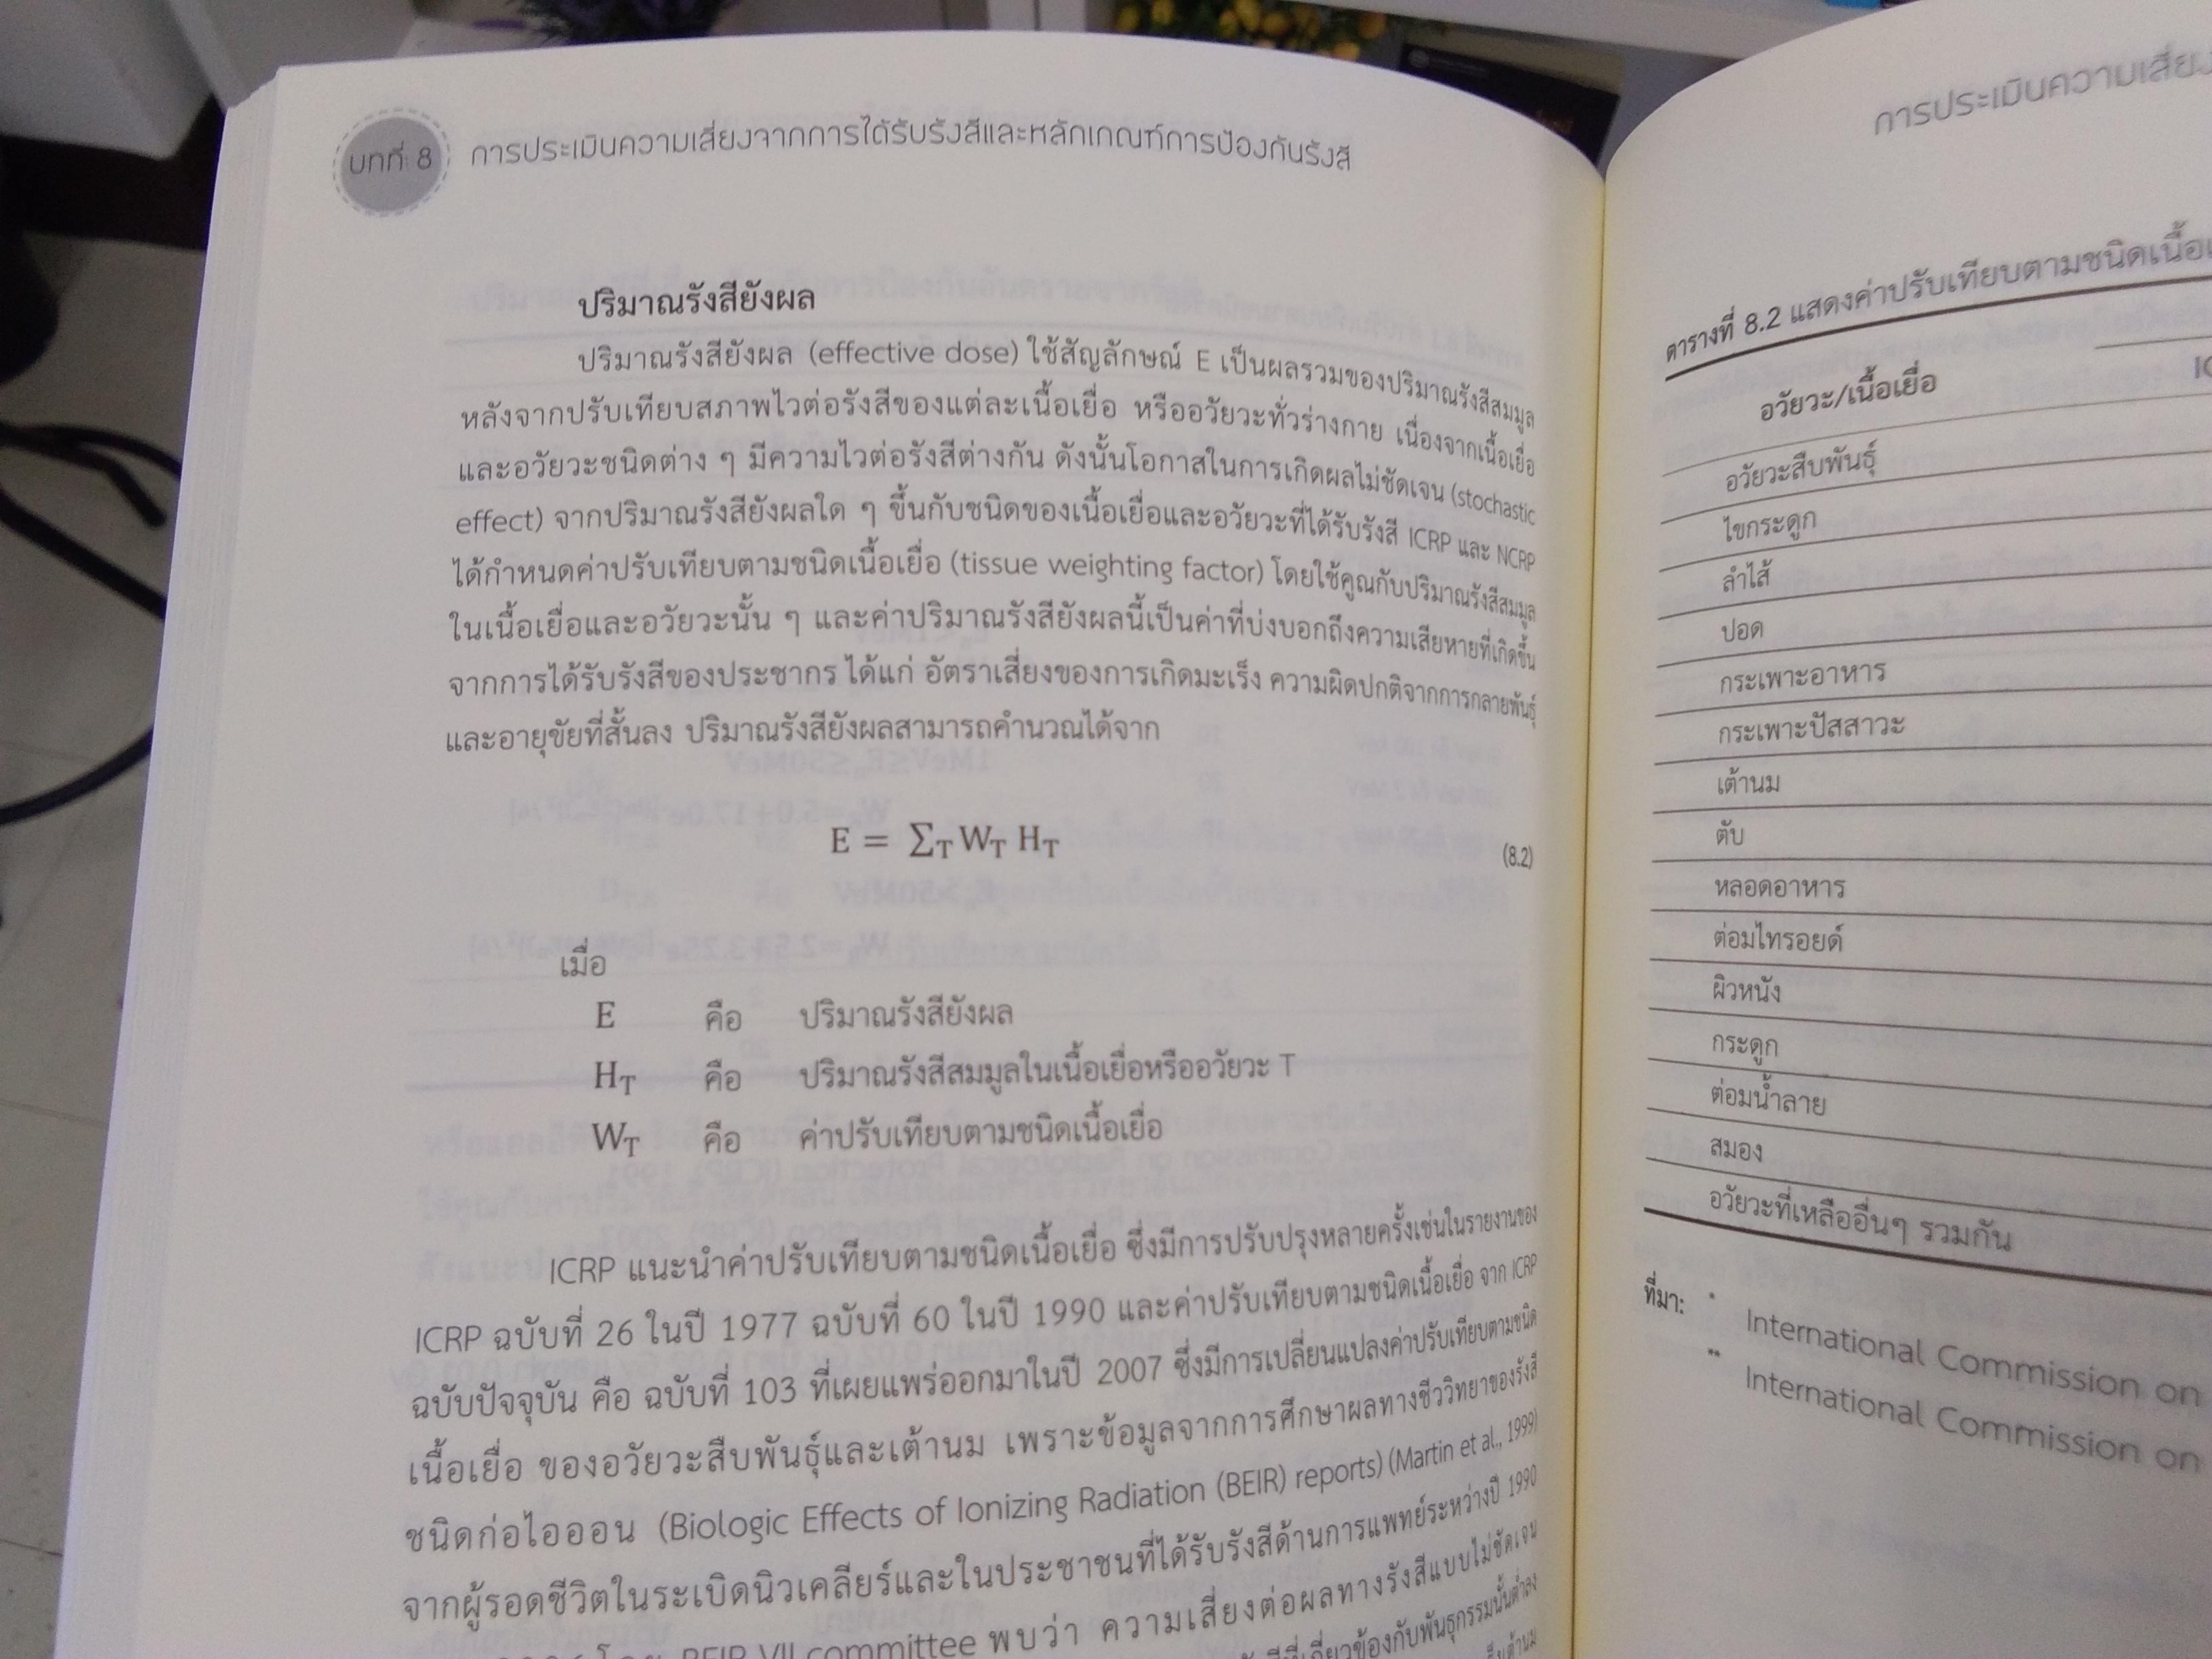 การวัดปริมาณรังสี_8